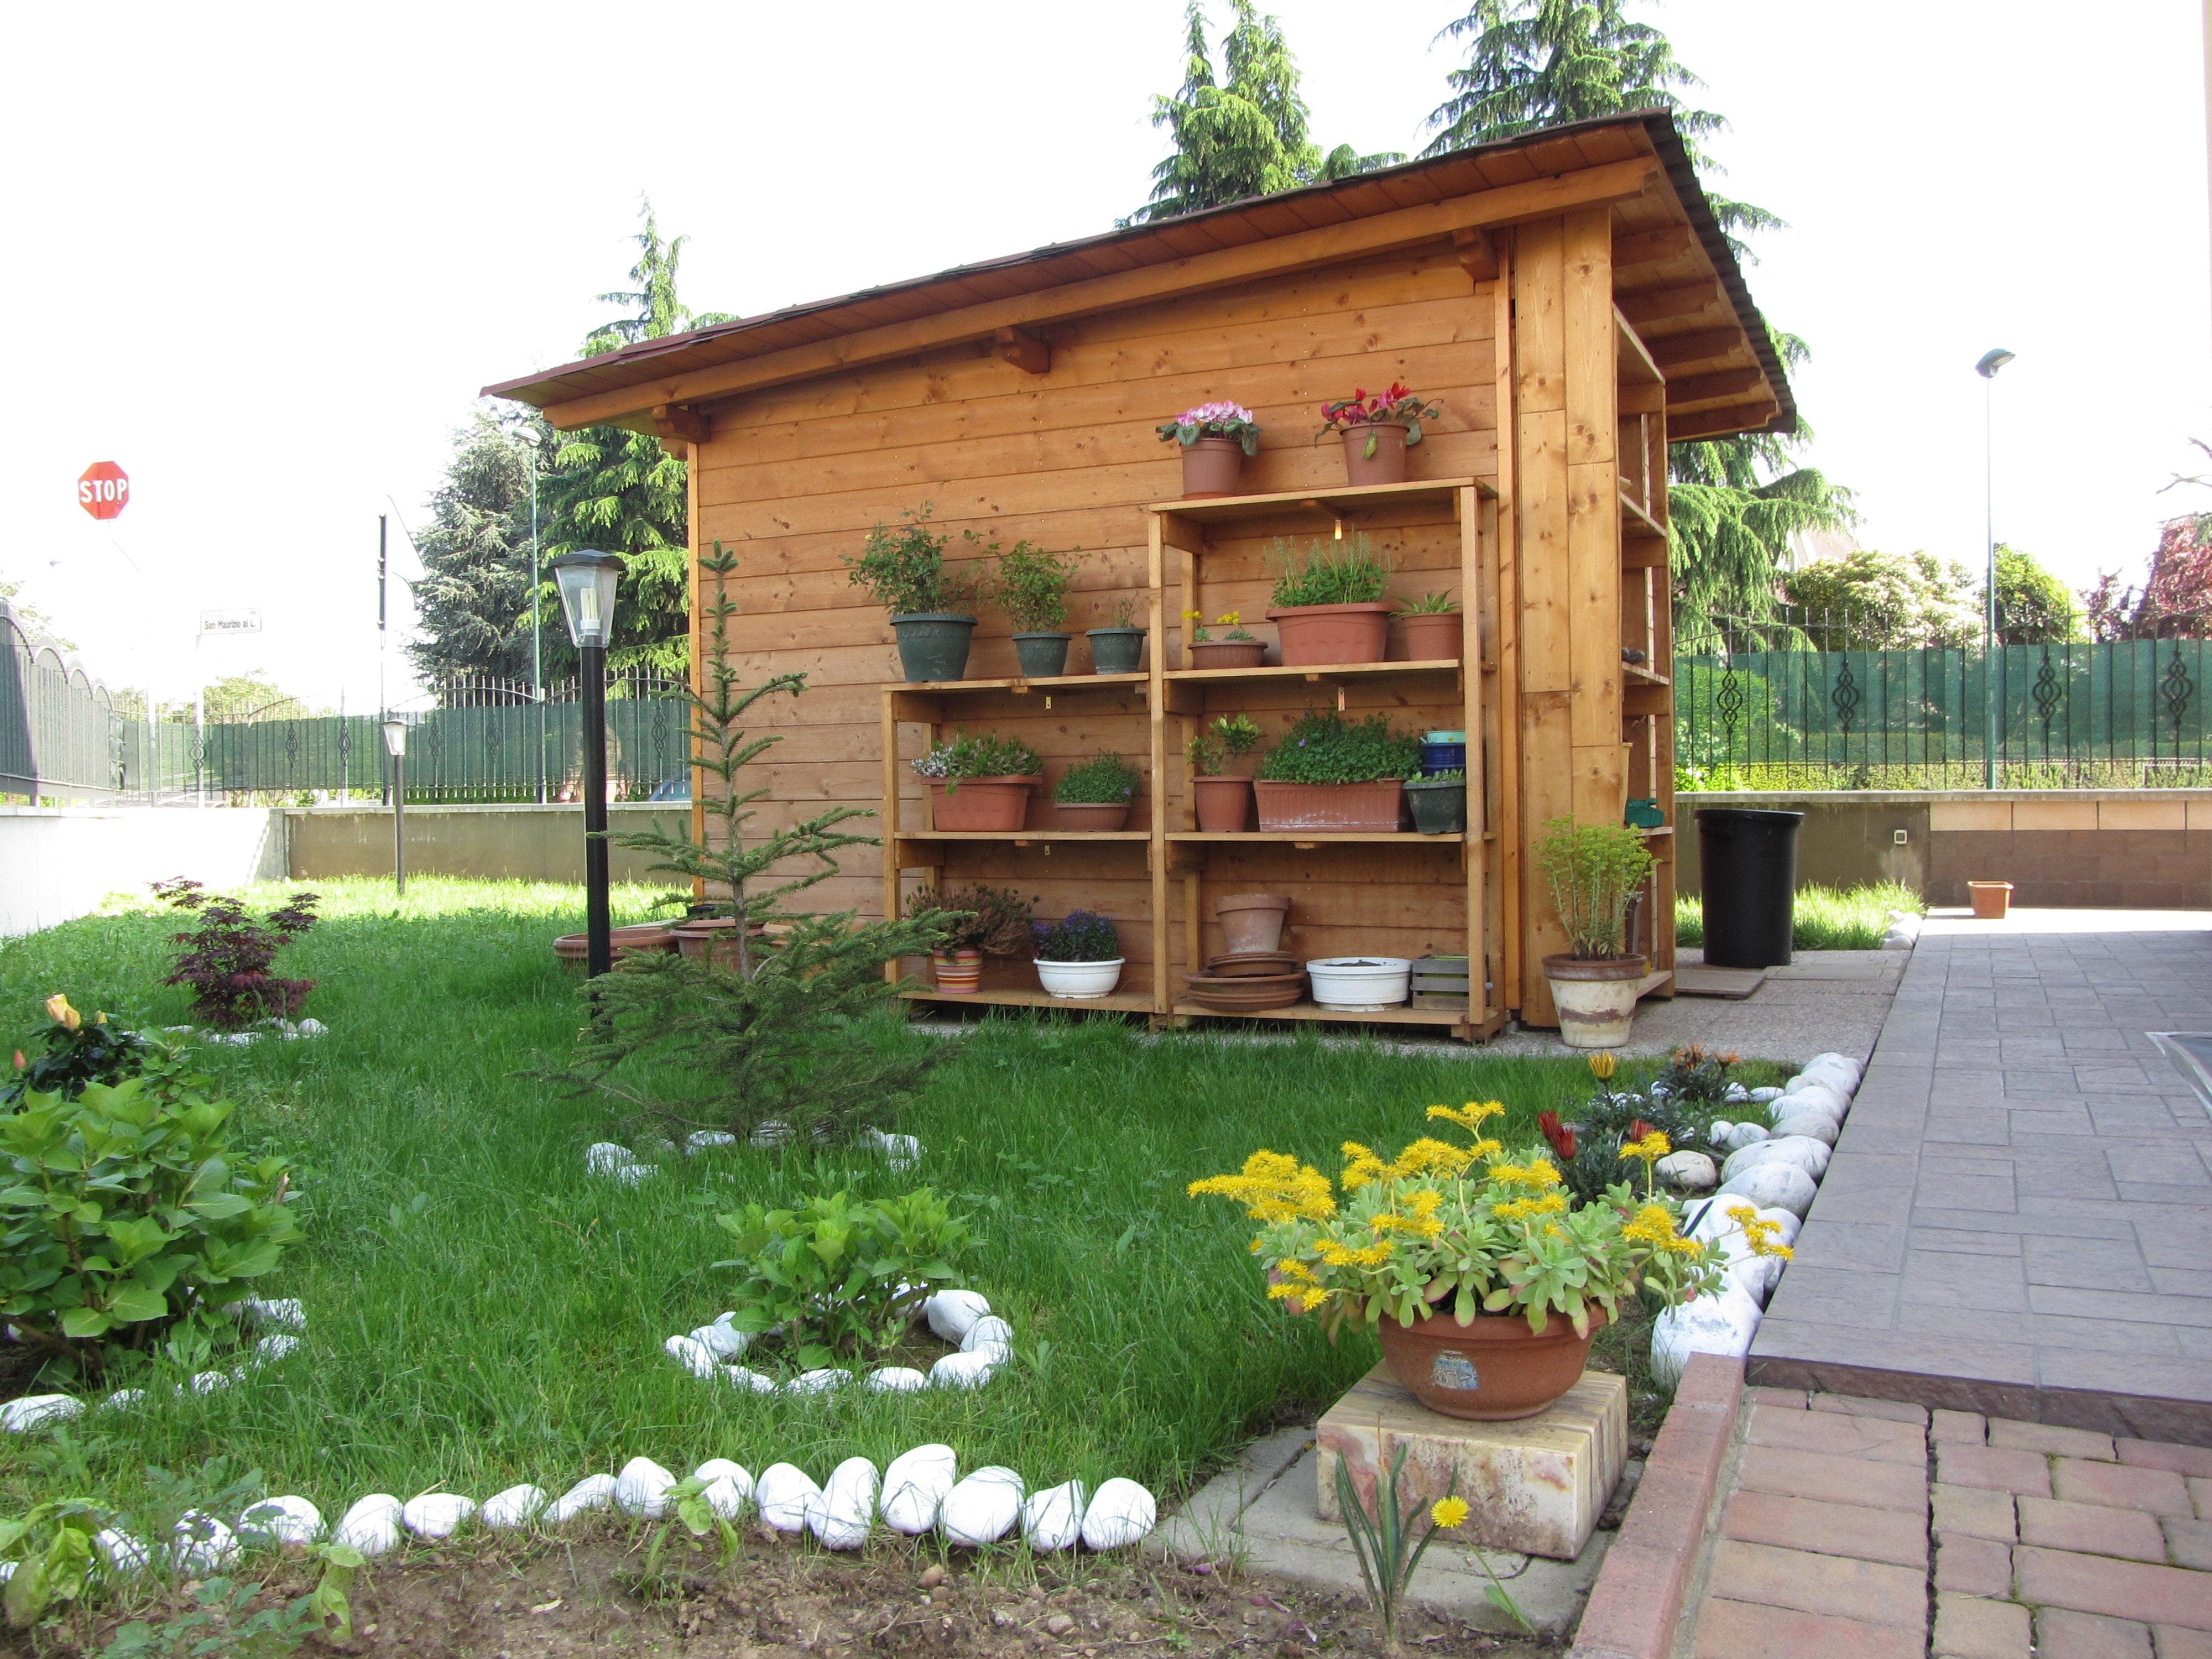 Casetta in legno economica costruita fai da te milano - Parete in legno fai da te ...